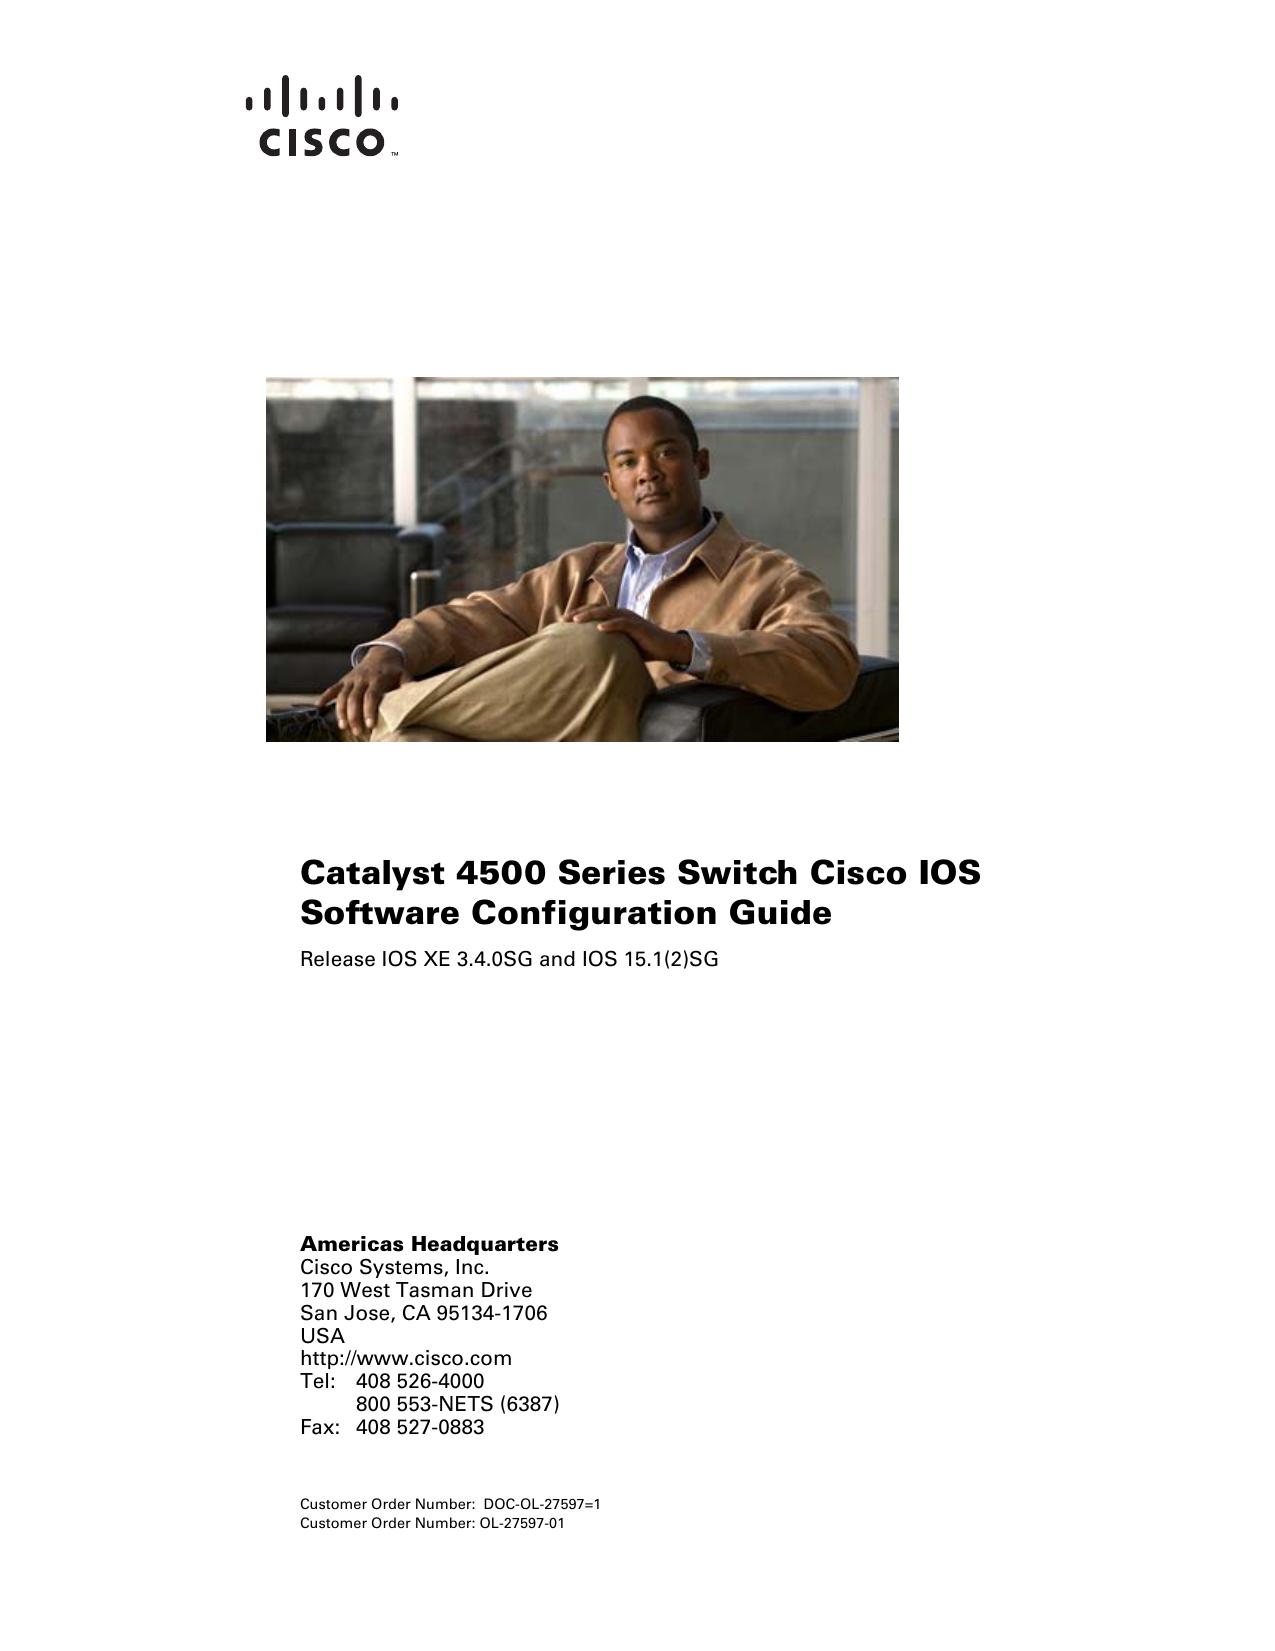 Book-length PDF: Cisco IOS Catalyst 4500 Software